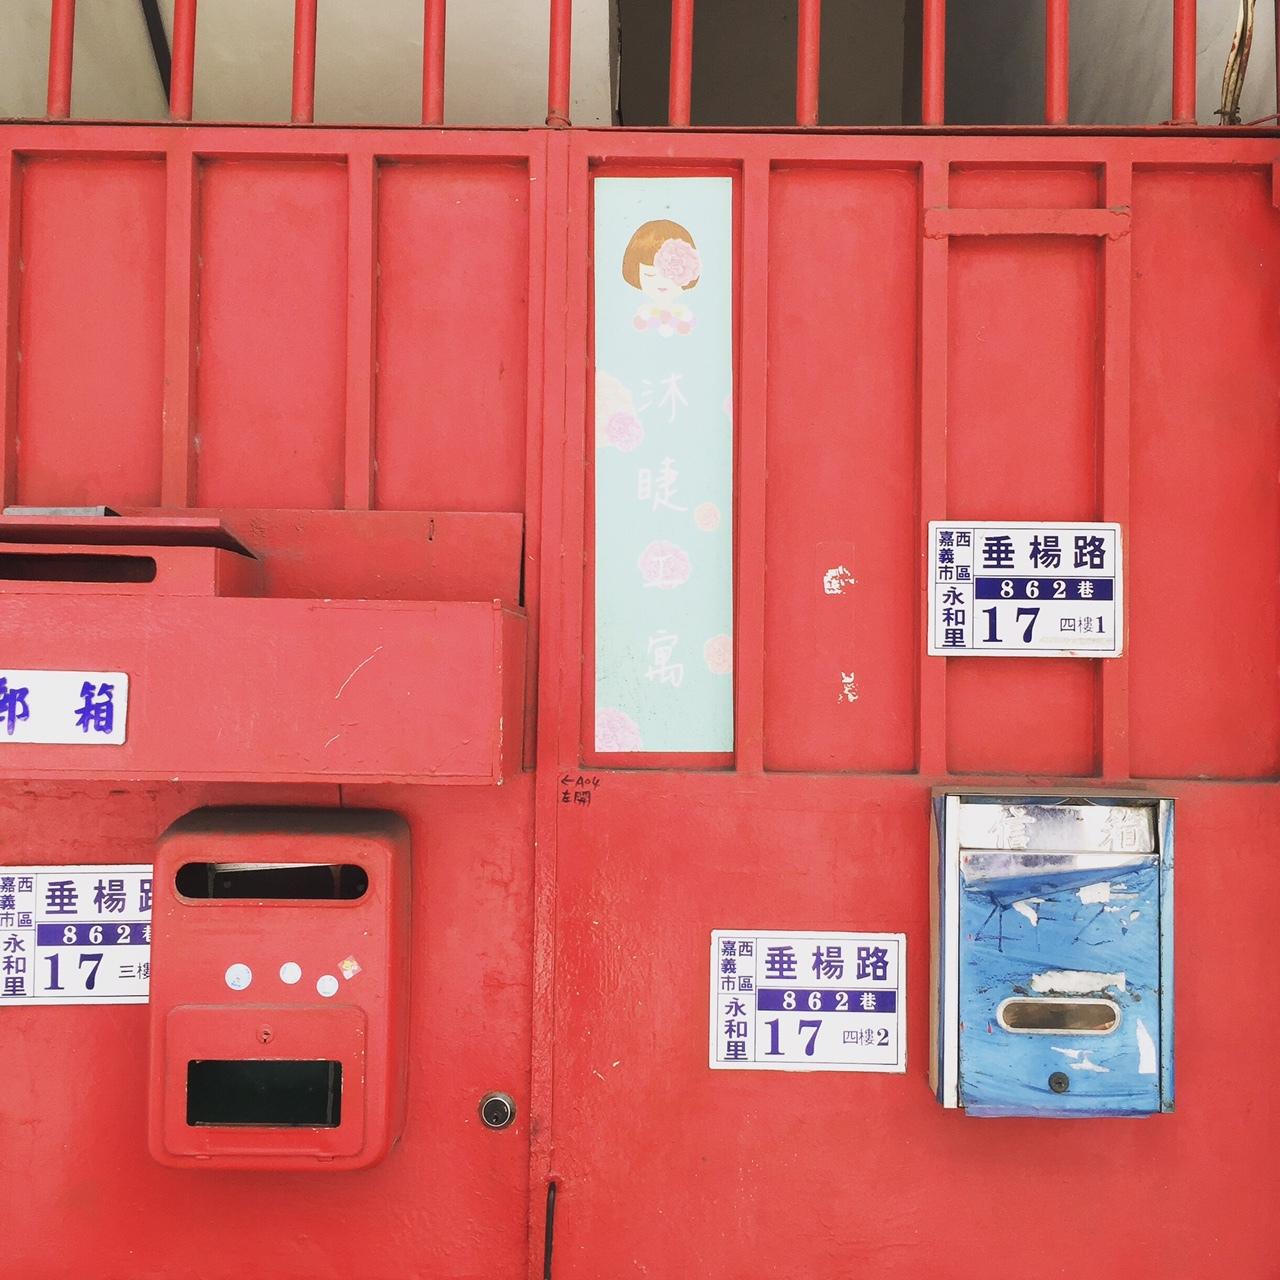 台湾、美食の街、嘉義を旅する①_1_2-2